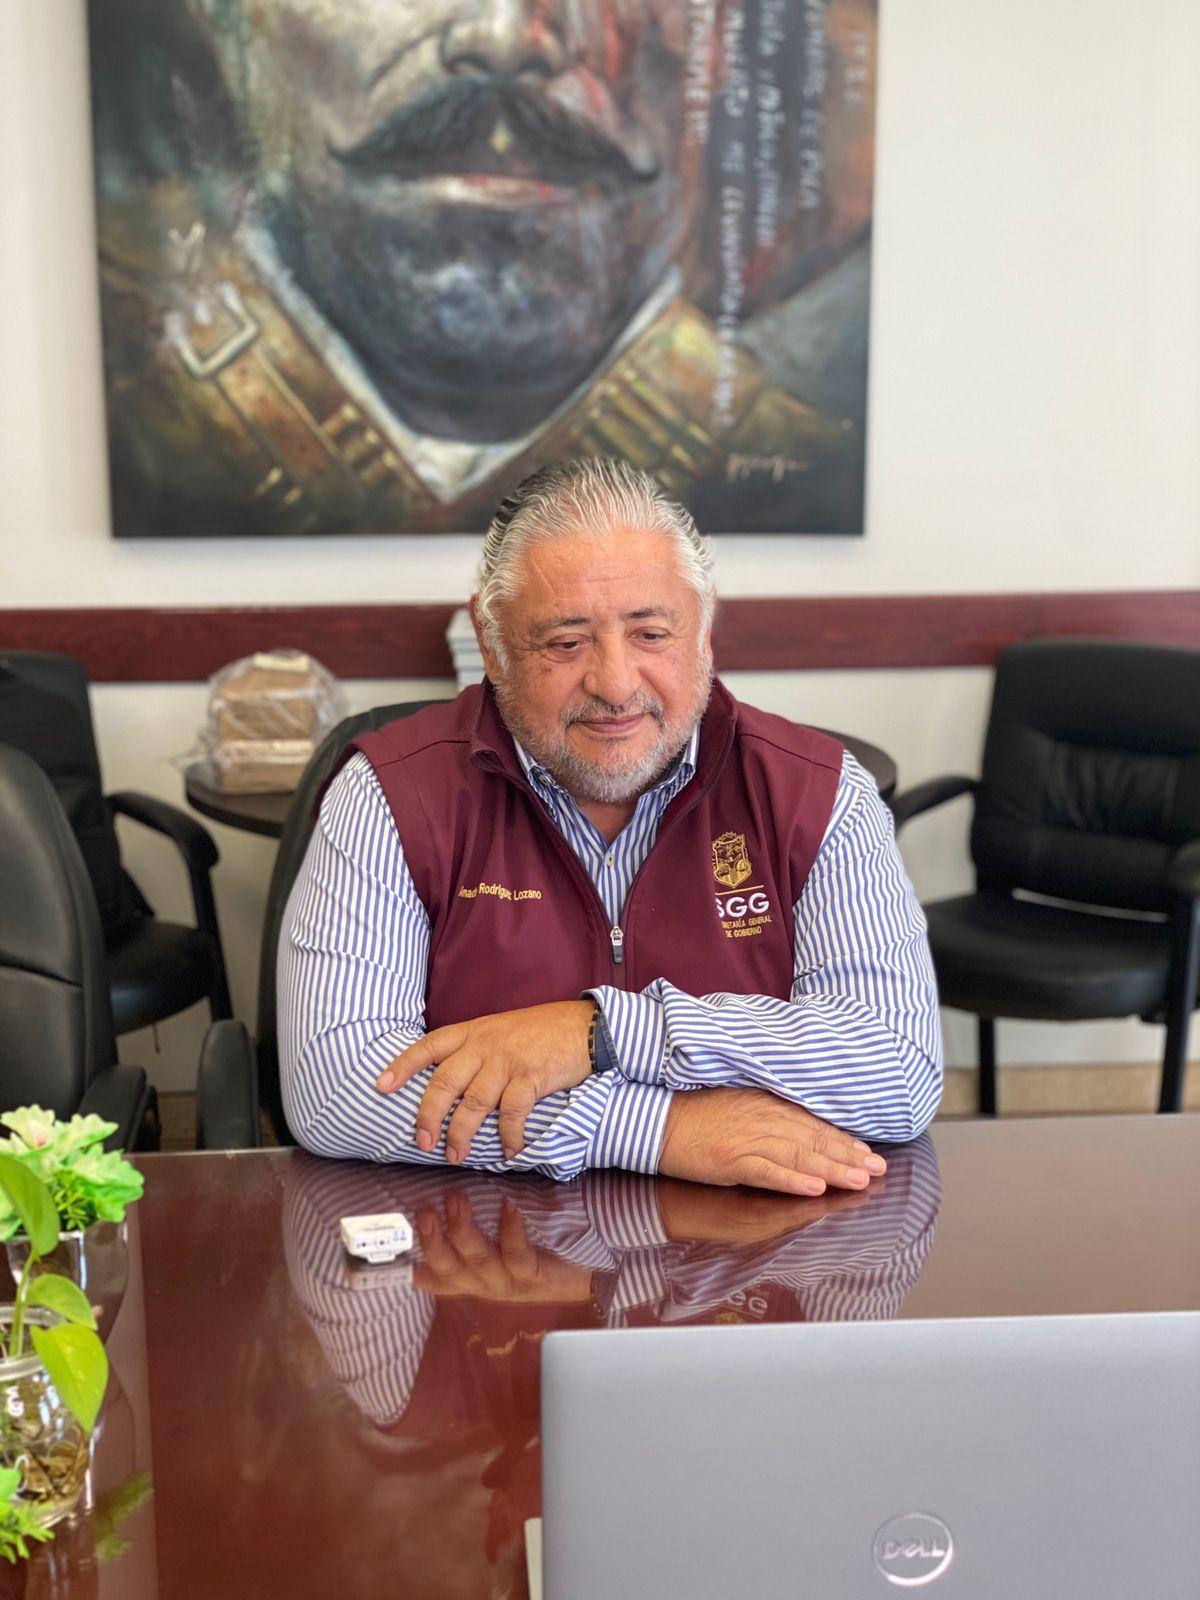 Arturo González Cruz y los regidores podrían incurrir en un delito federal afirma el Secretario General de Gobierno